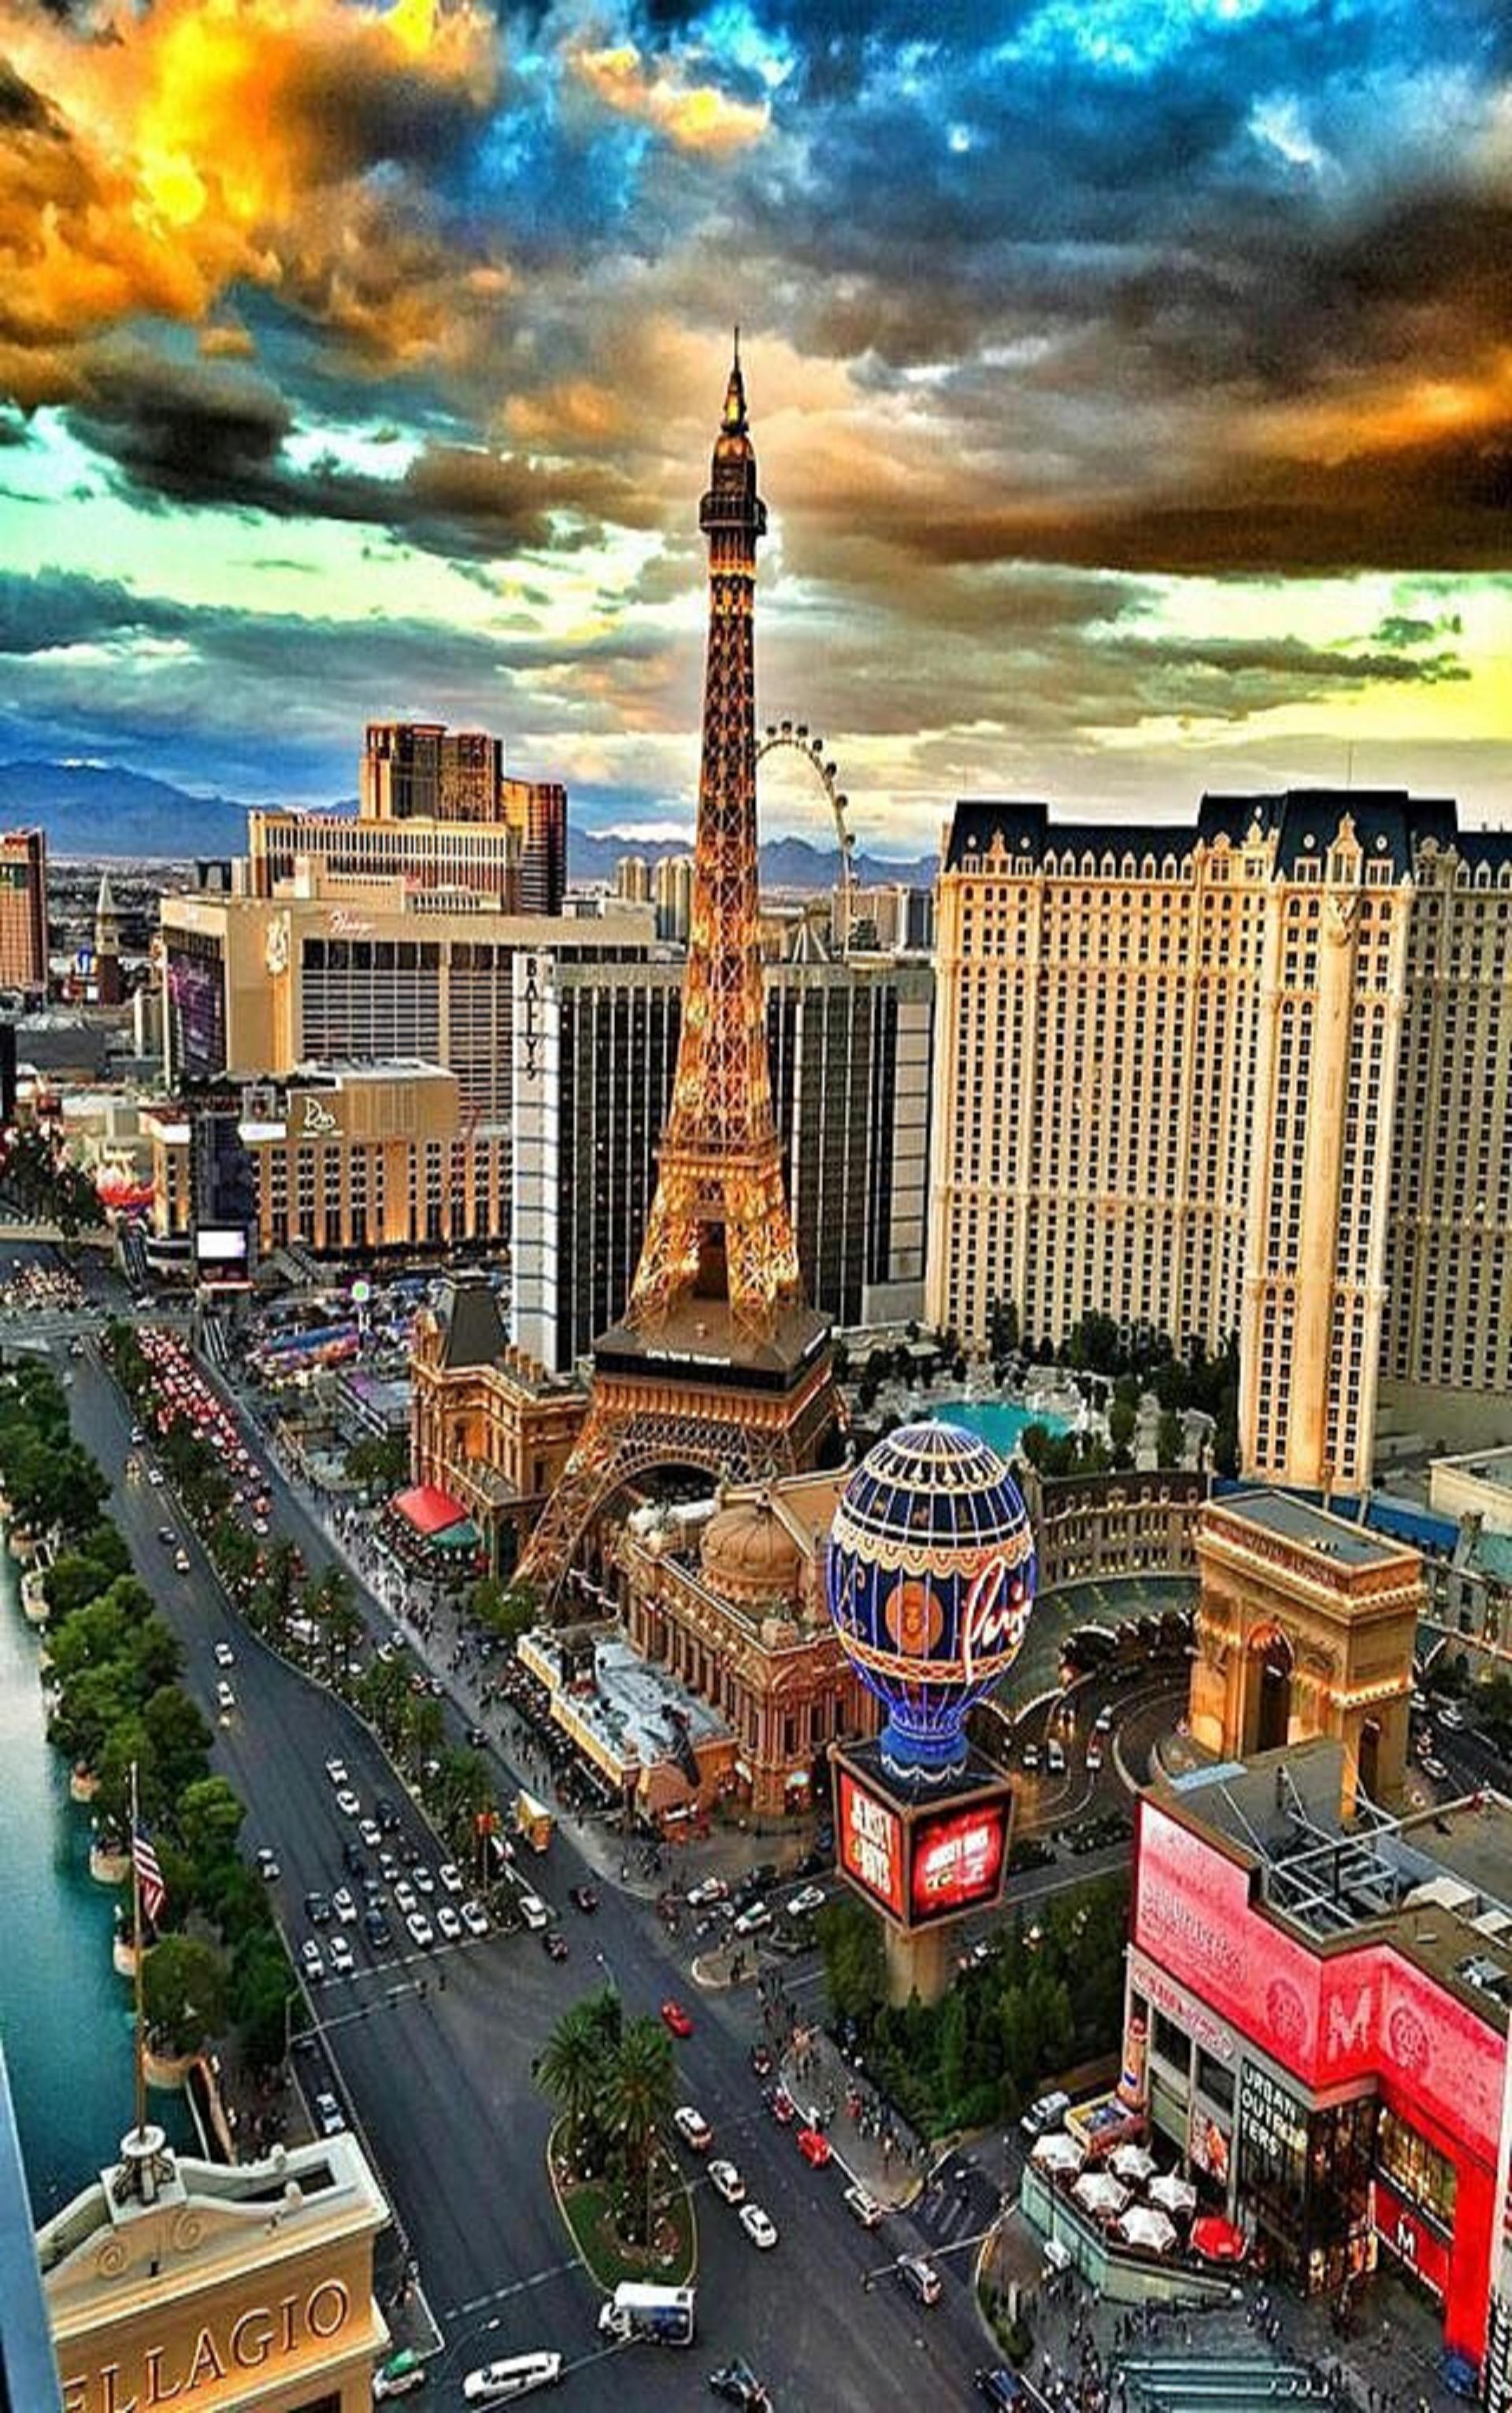 Las Vegas (With images) Paris las vegas, Paris hotels